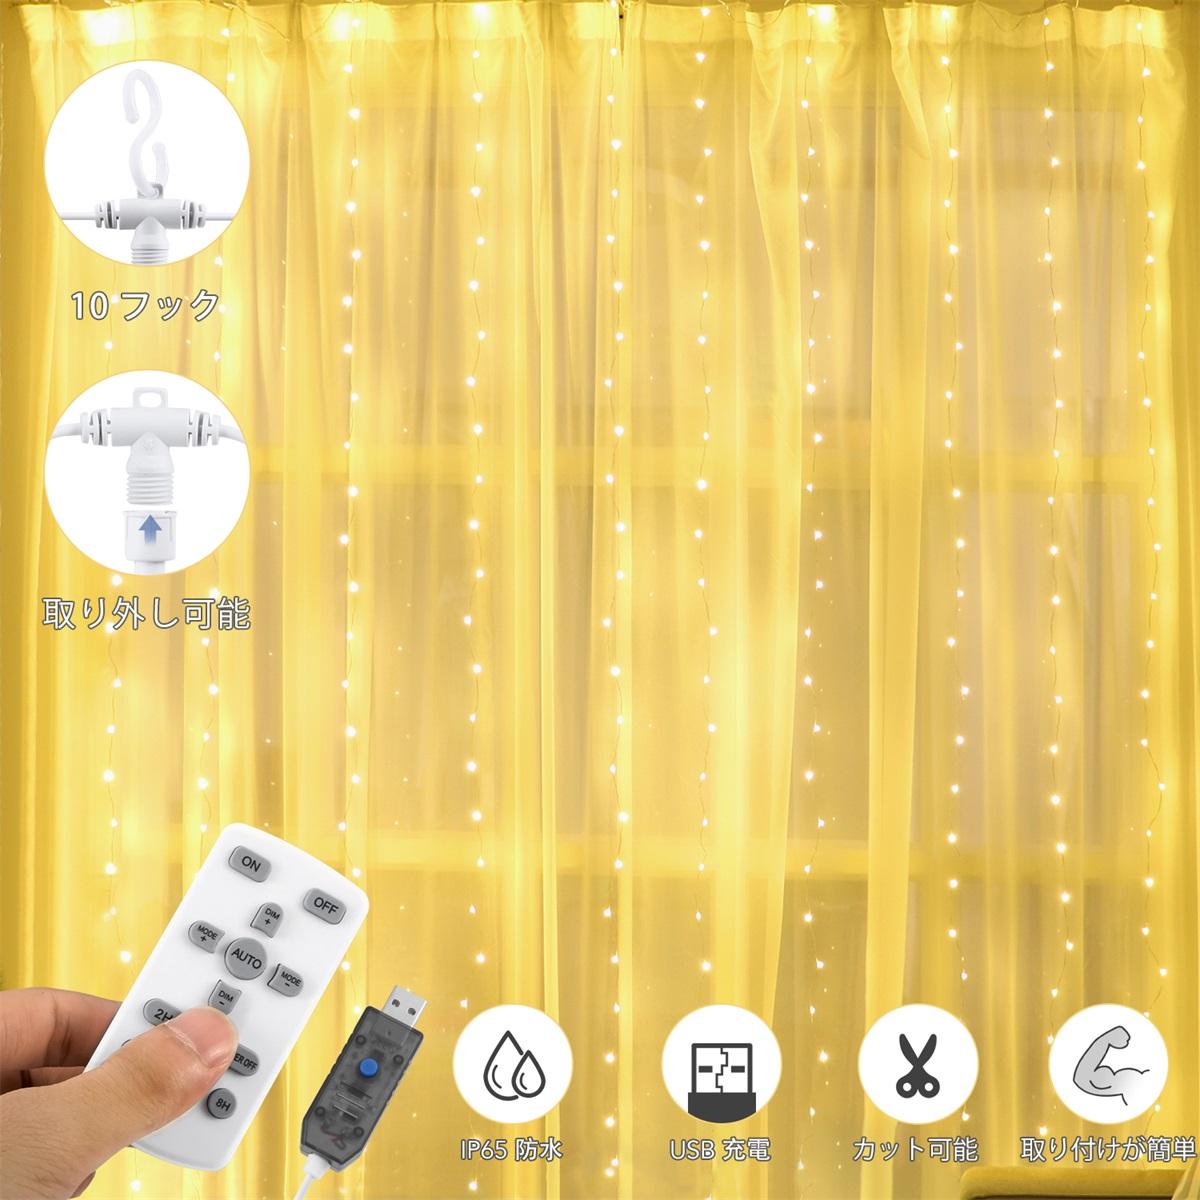 AGPTEK LED イルミネーションライト カーテンライト